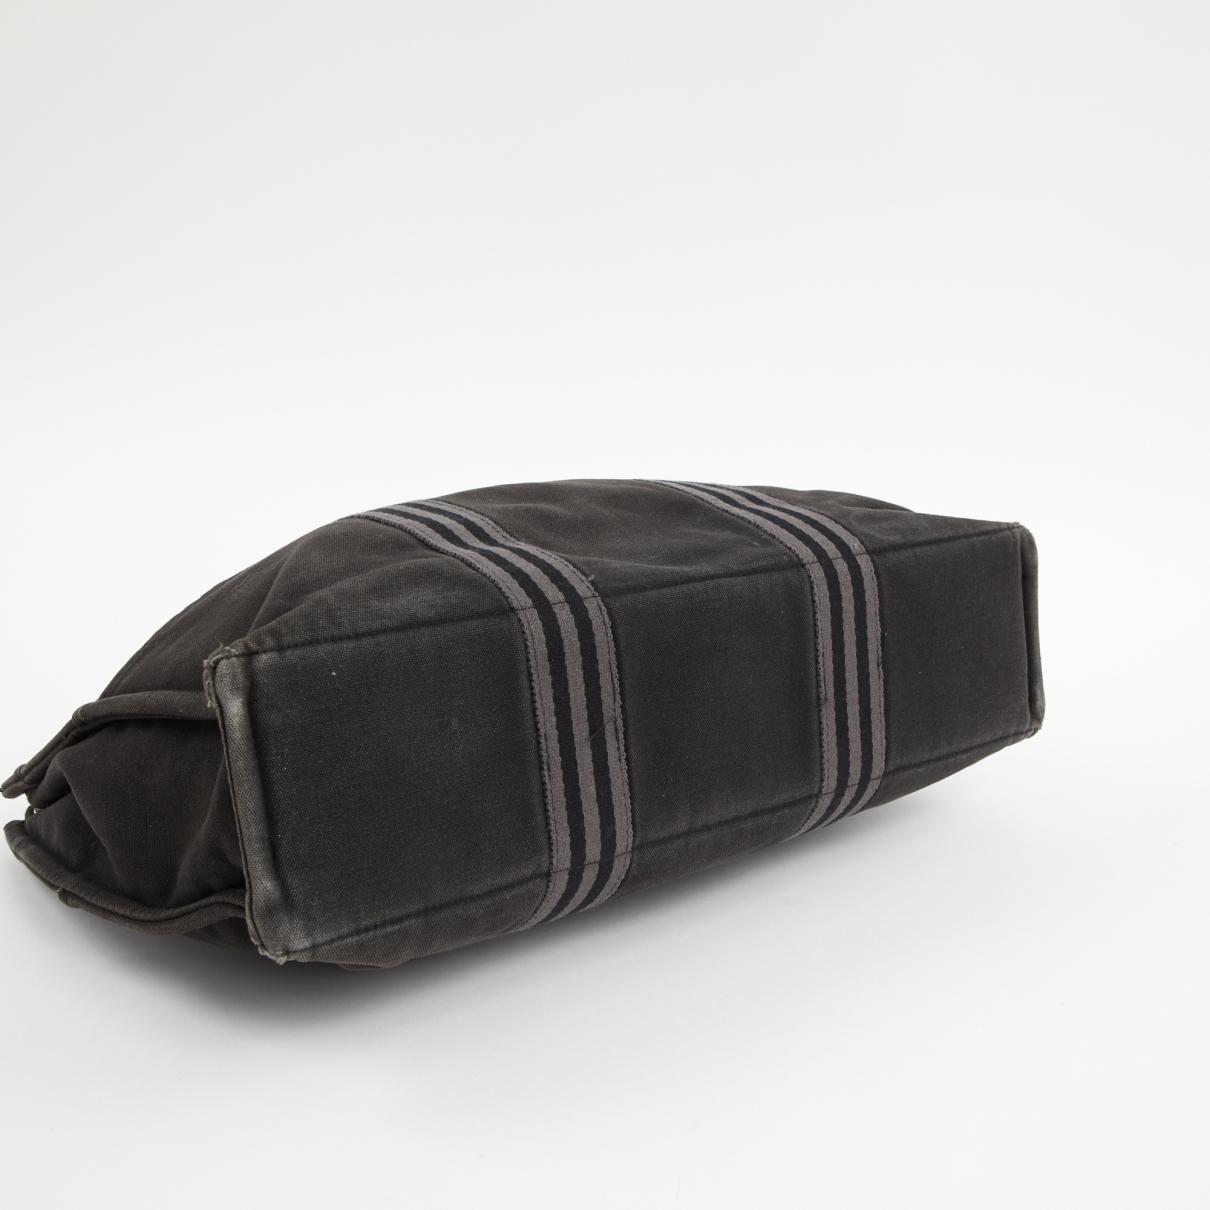 Hermès Herline Leinen handtaschen in Grau 2pBy7